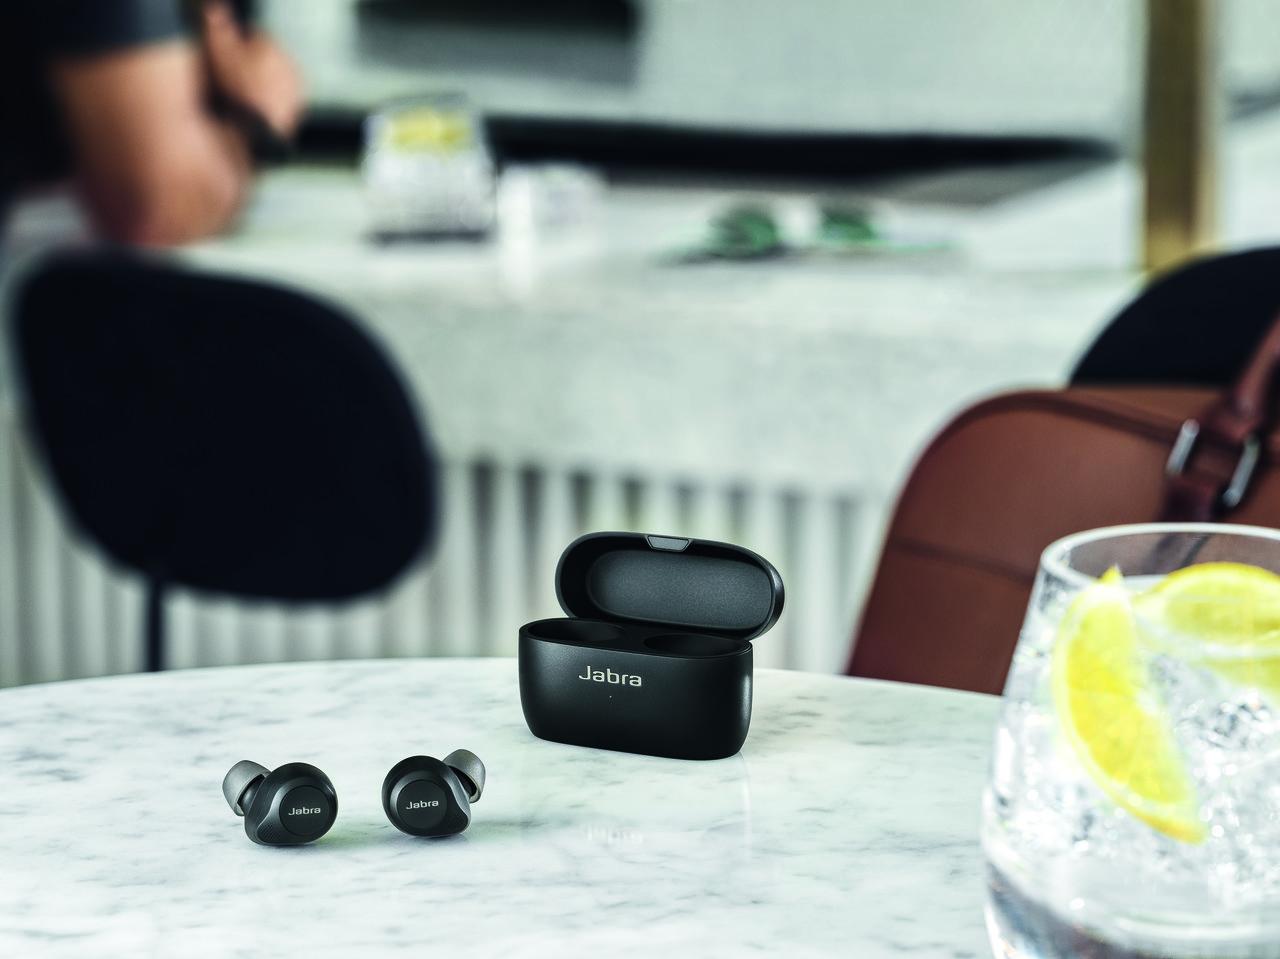 Jabra ogłasza nowe modele słuchawek dousznych z serii Elite 85t